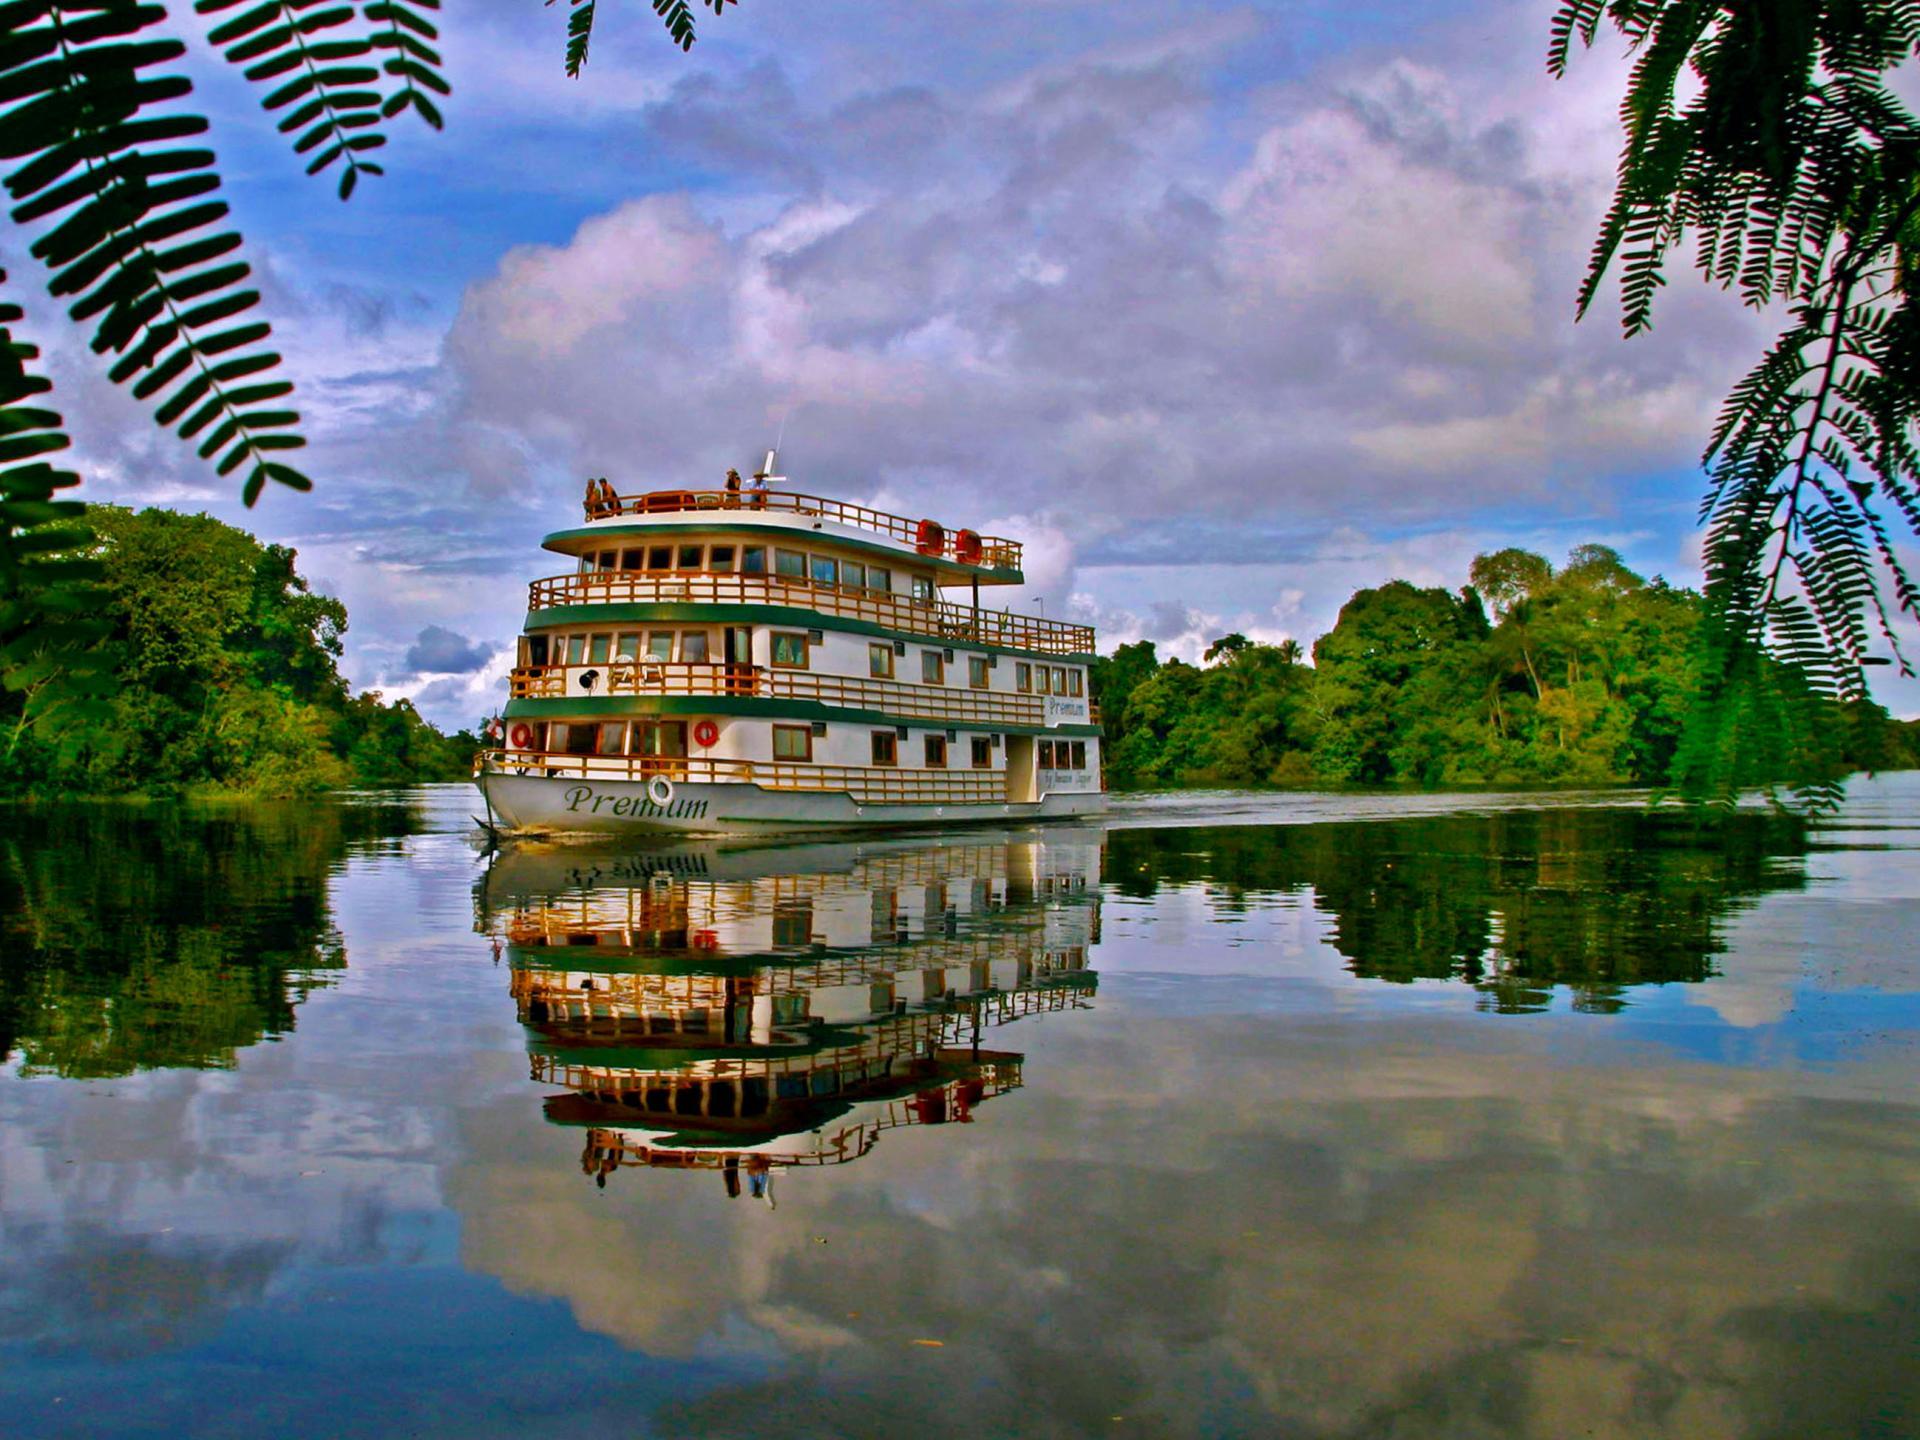 Kreuzfahrtschiff auf dem Amazonas in Brasilien